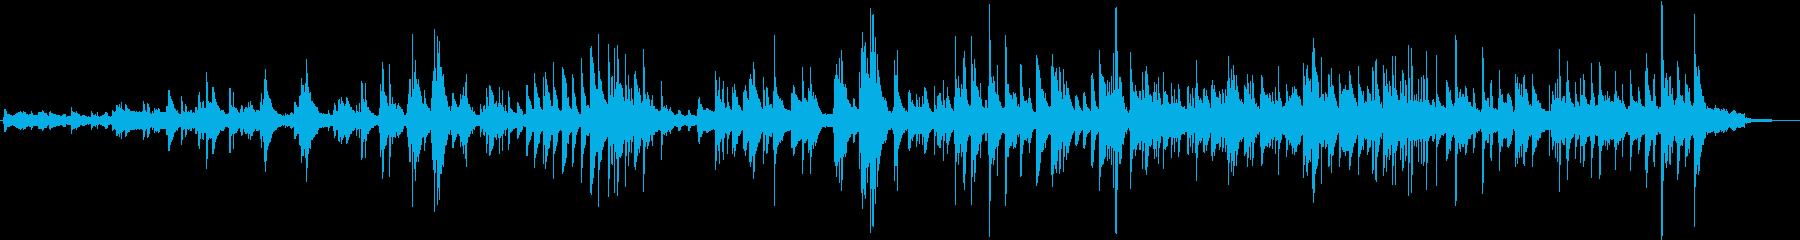 手書きを表すヒーリングの再生済みの波形